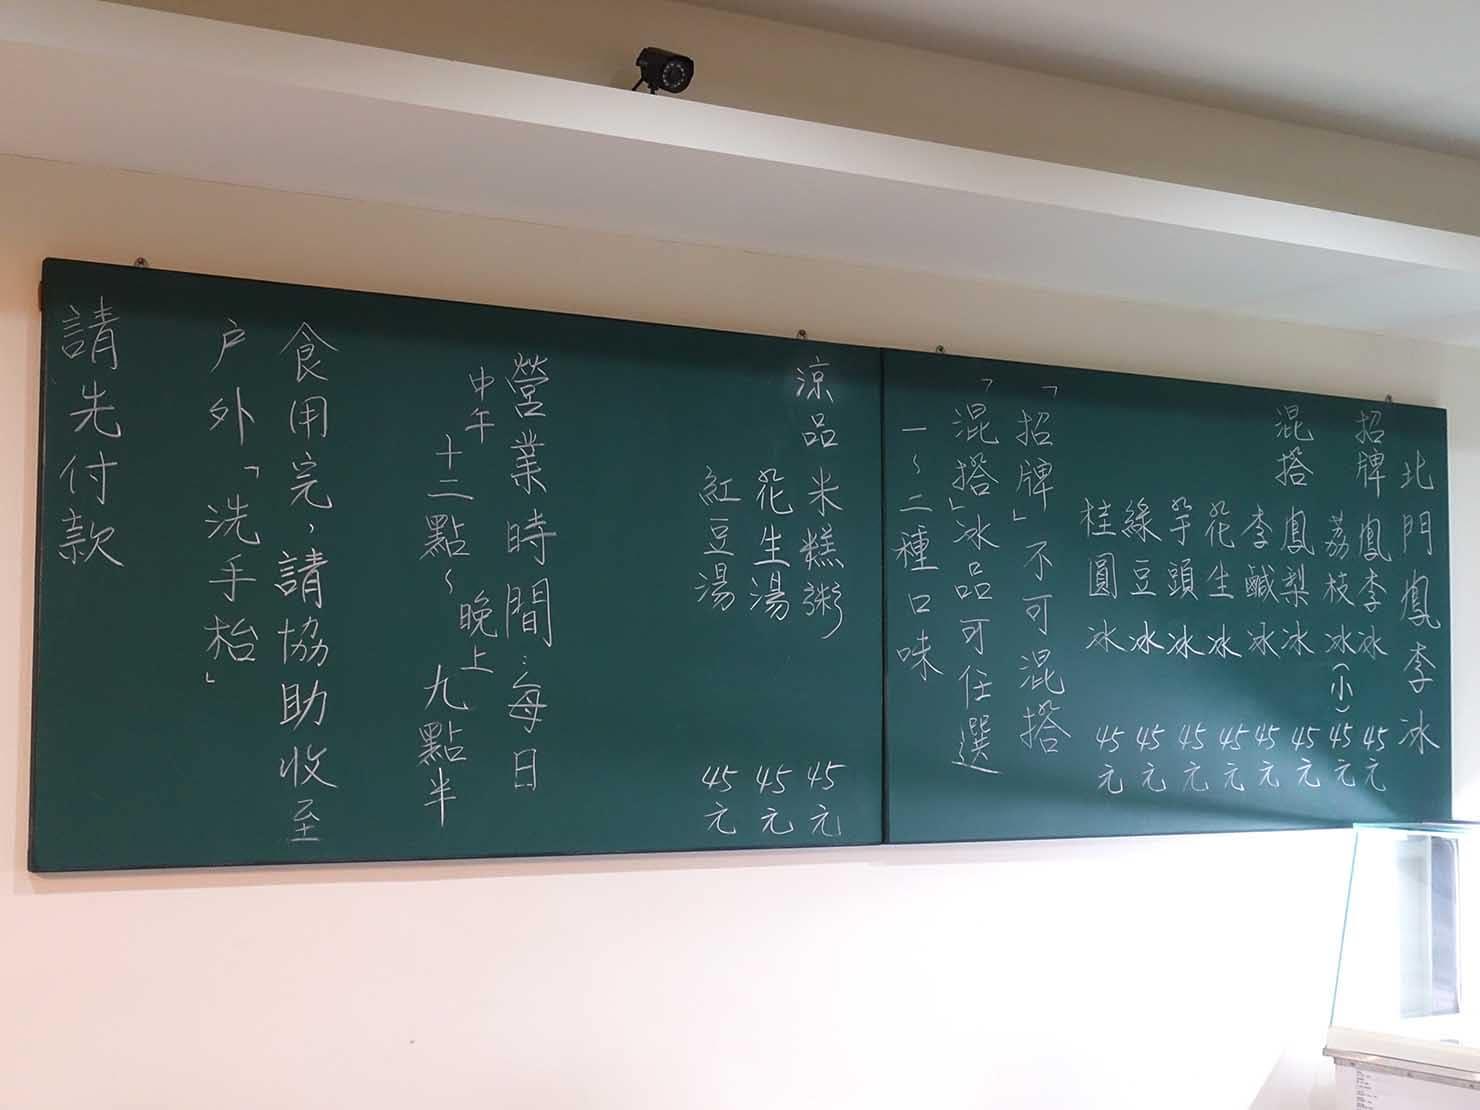 台北・忠孝敦化駅(東區)のおすすめスイーツ店「北門鳳李冰」のメニュー